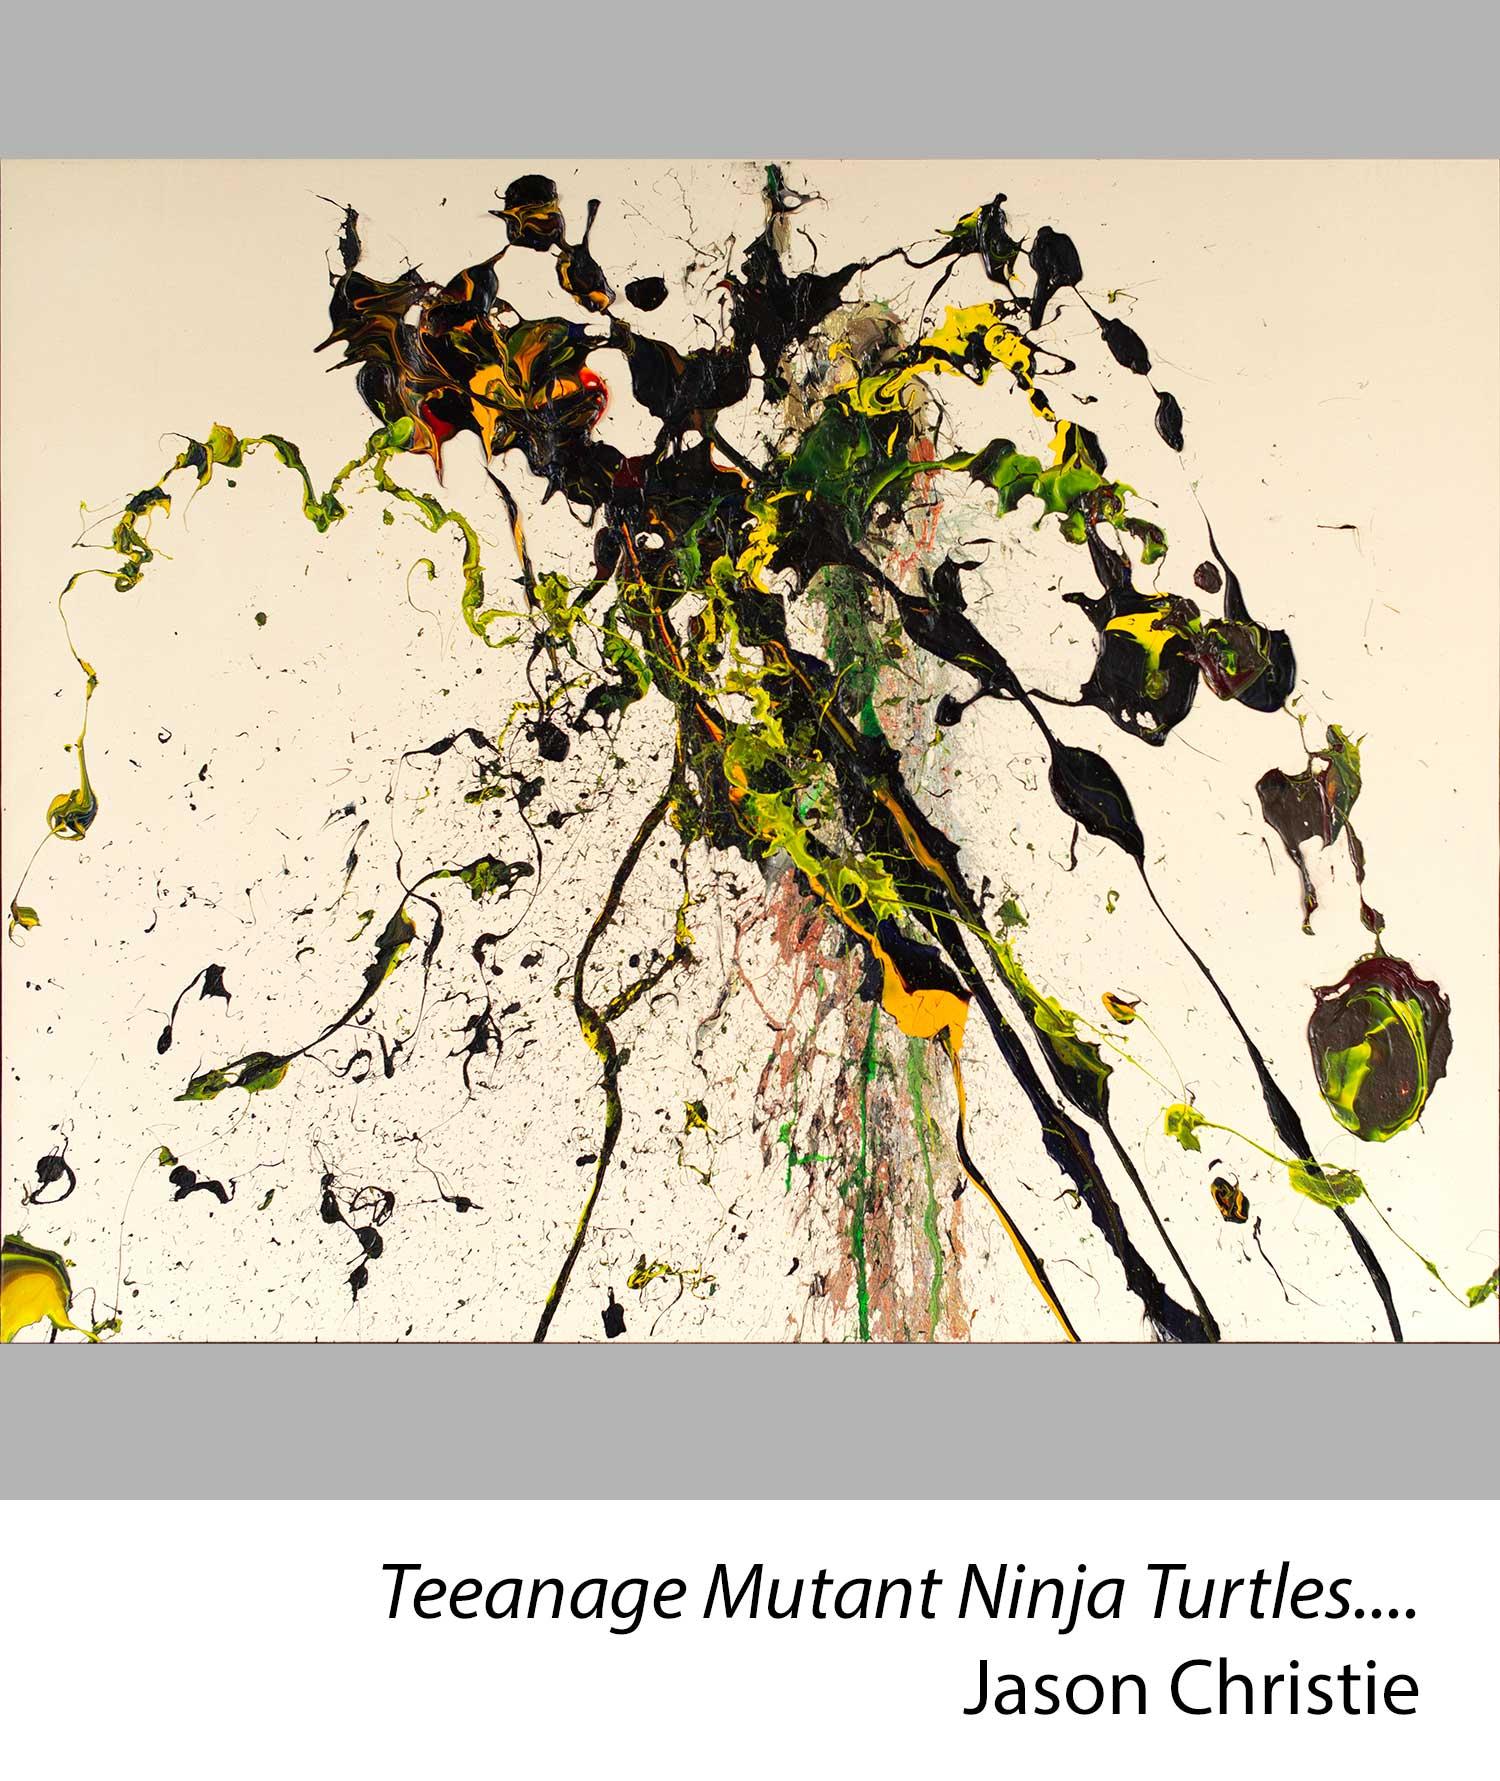 Teenage Mutant Ninja Turtle by Jason Christie